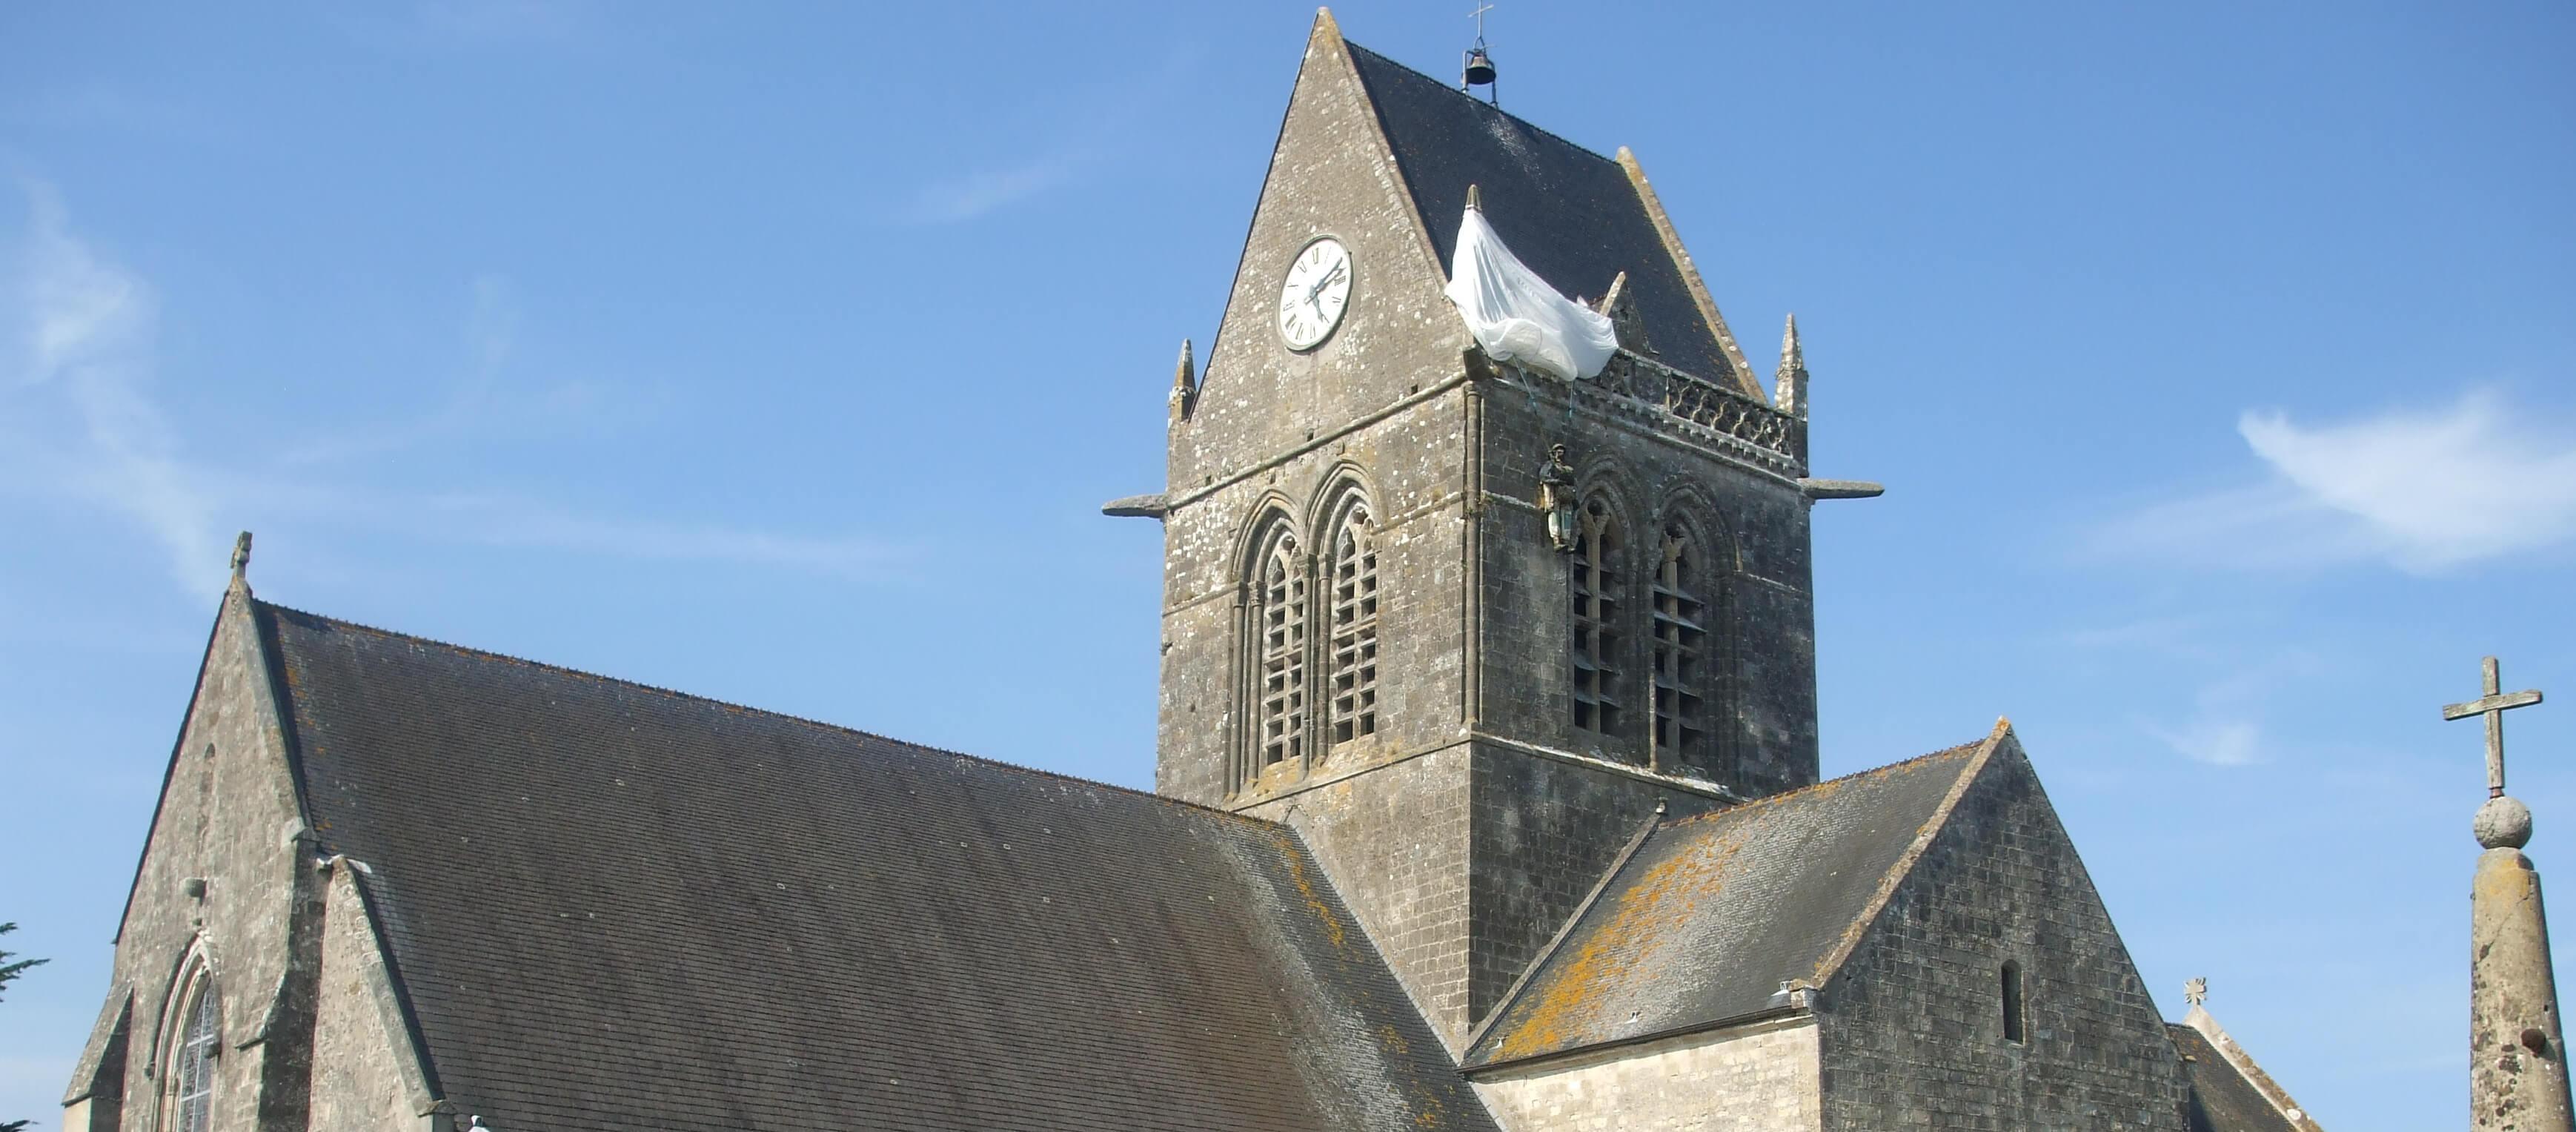 %C3%89glise Notre Dame de lassomption2 1 - GITE LA DUCKERIE - Location de Gite La Clef Decamp - Laclefdecamp.fr